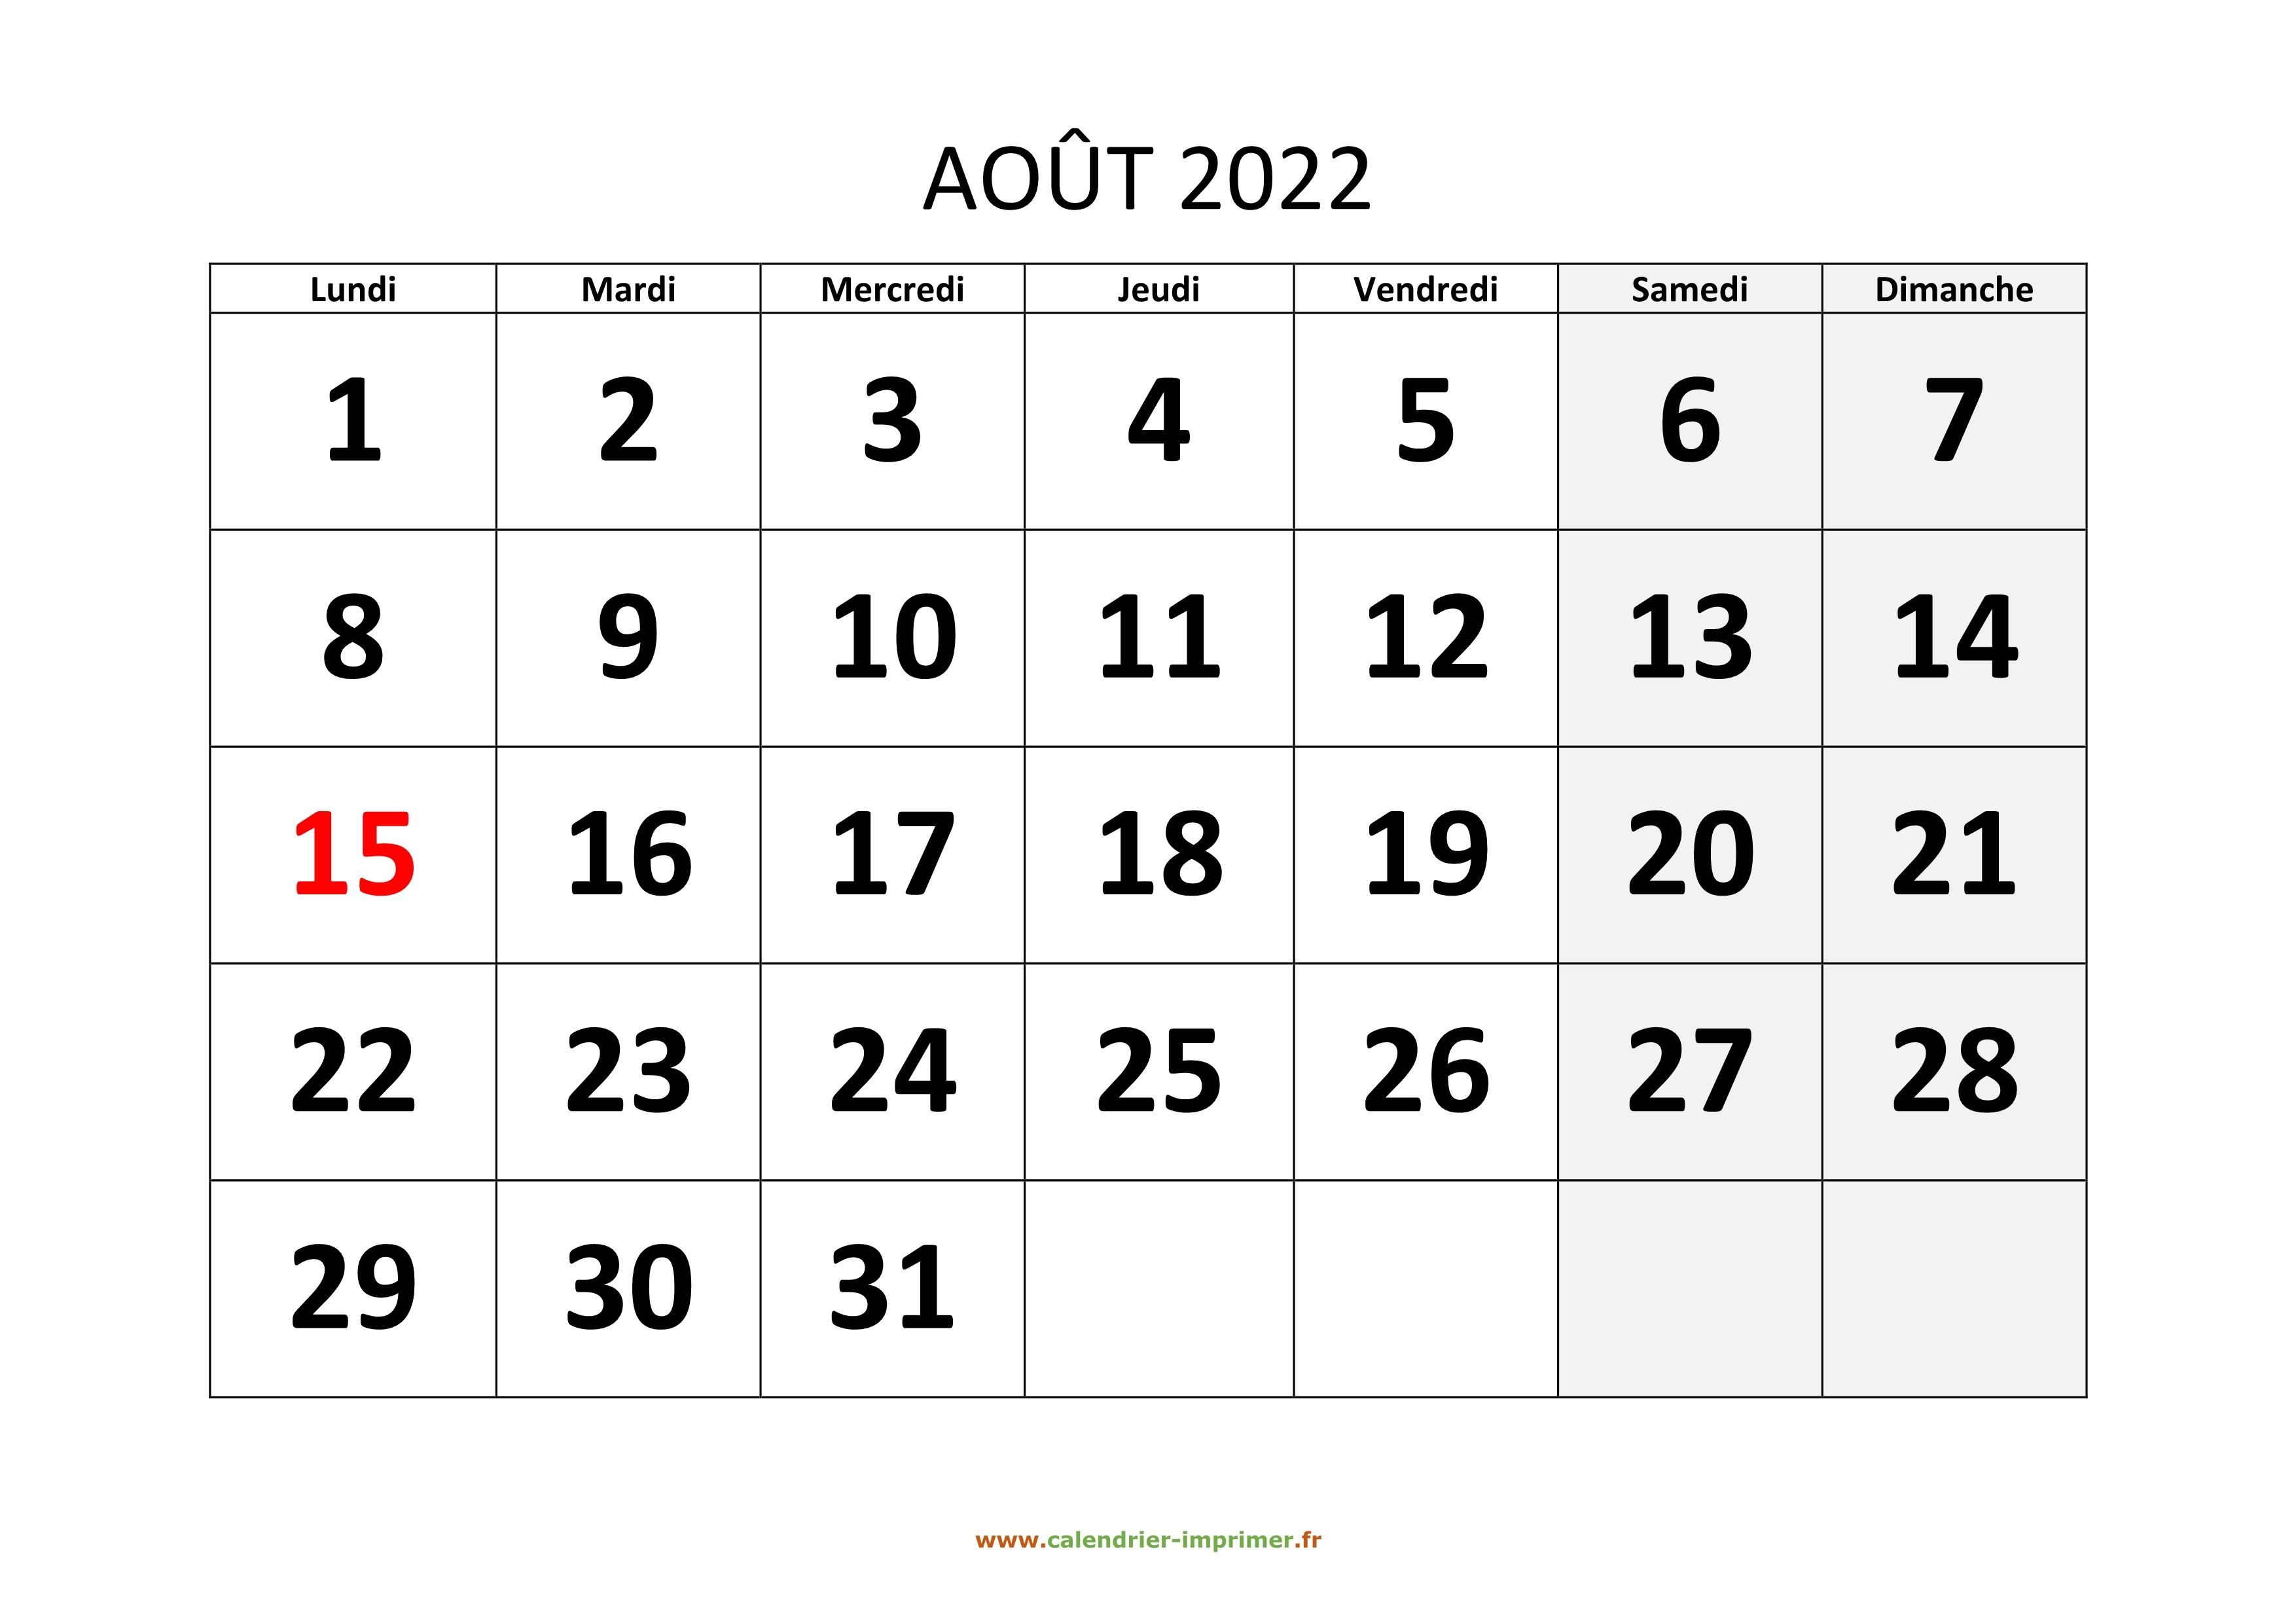 Calendrier Mois Aout 2022 Calendrier Août 2022 à imprimer